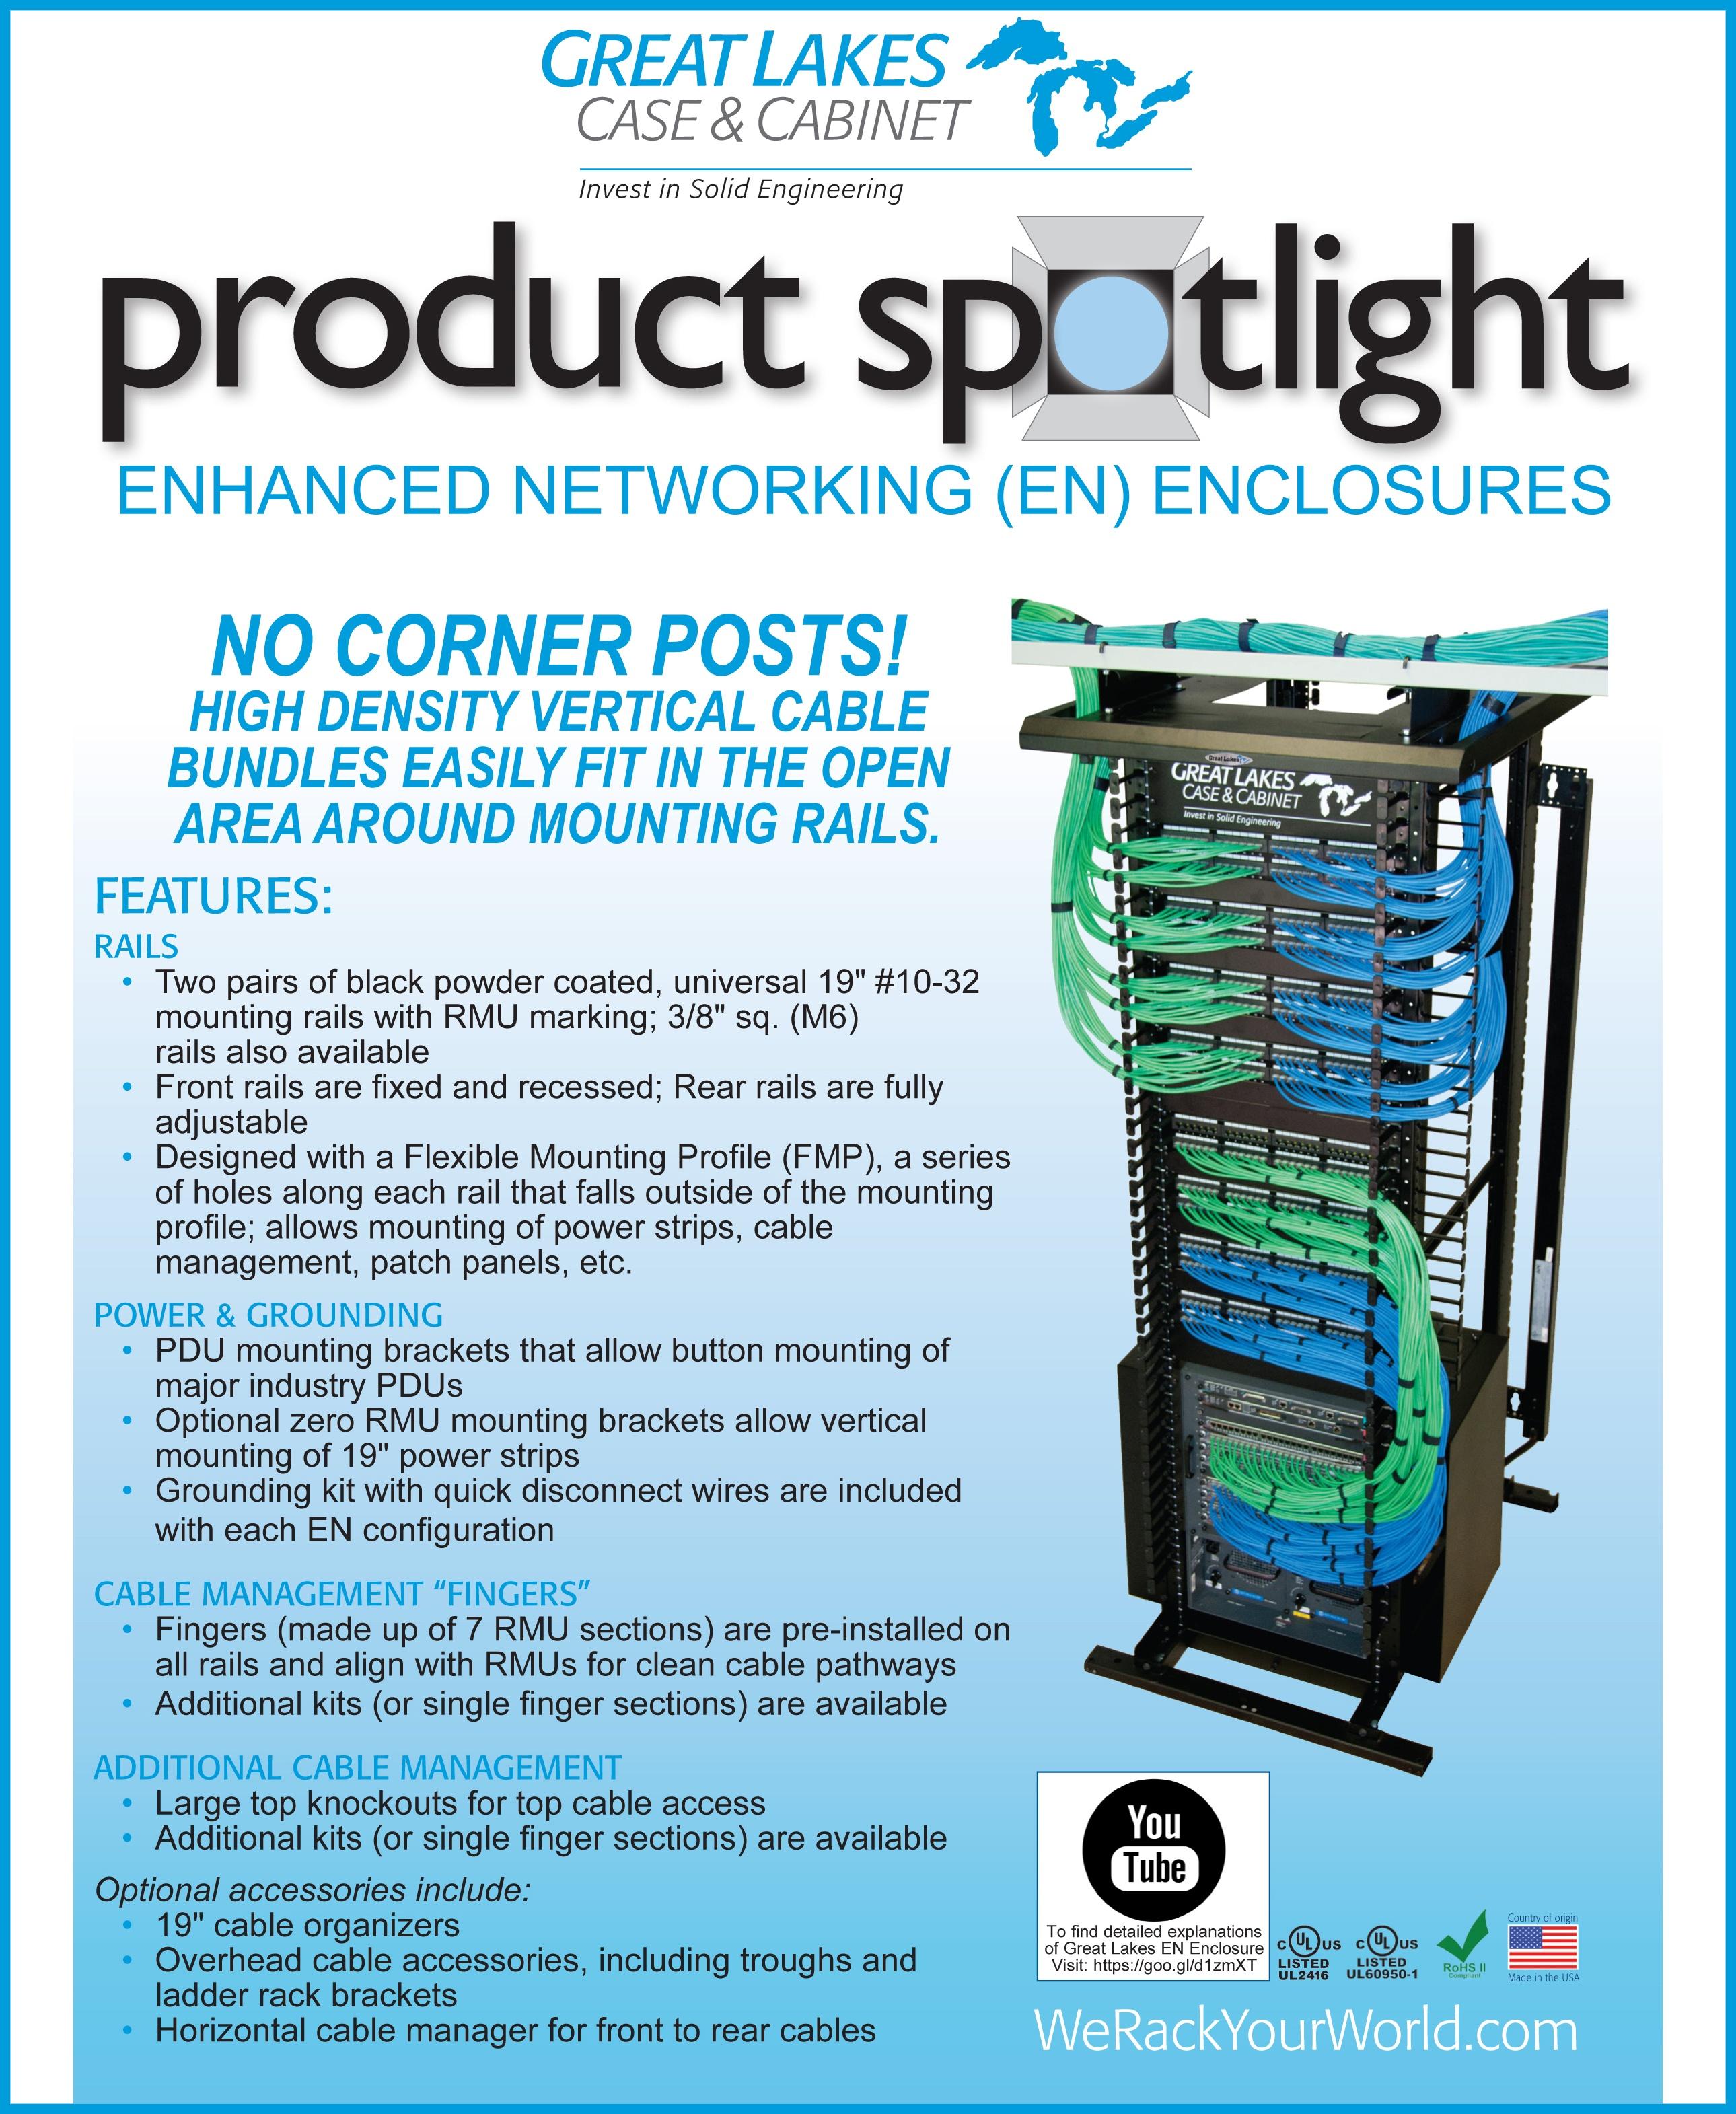 EN_Enclosure_Spotlight-1